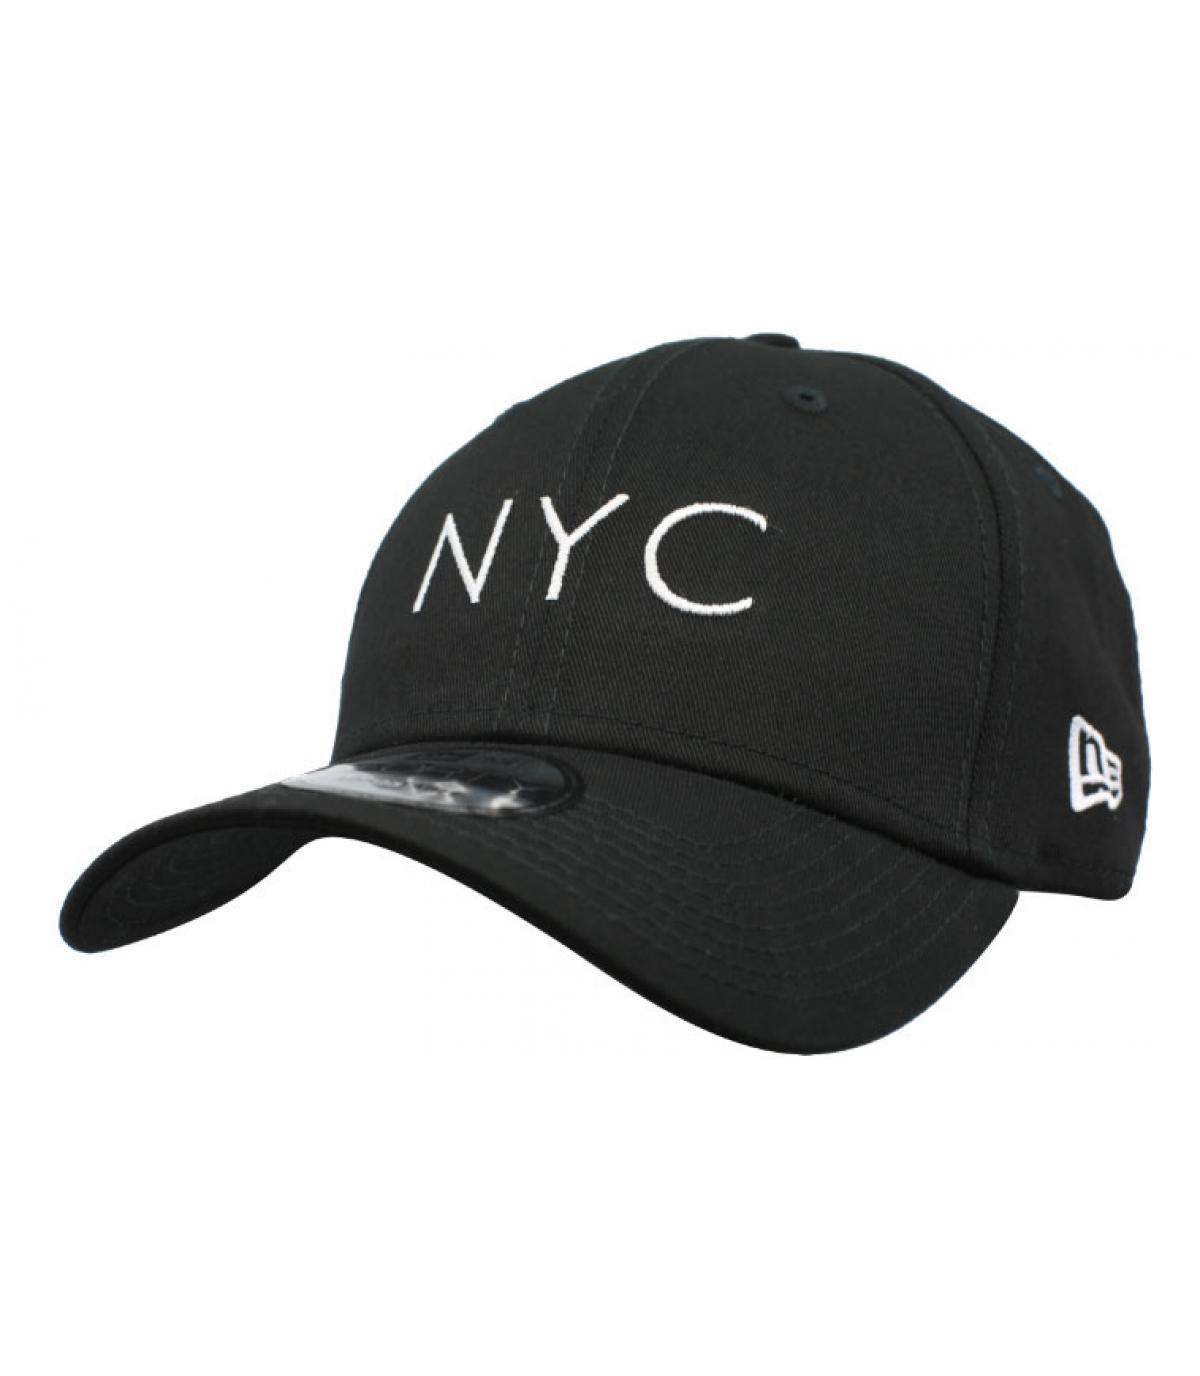 Détails NYC NE Ess 9Forty black - image 2